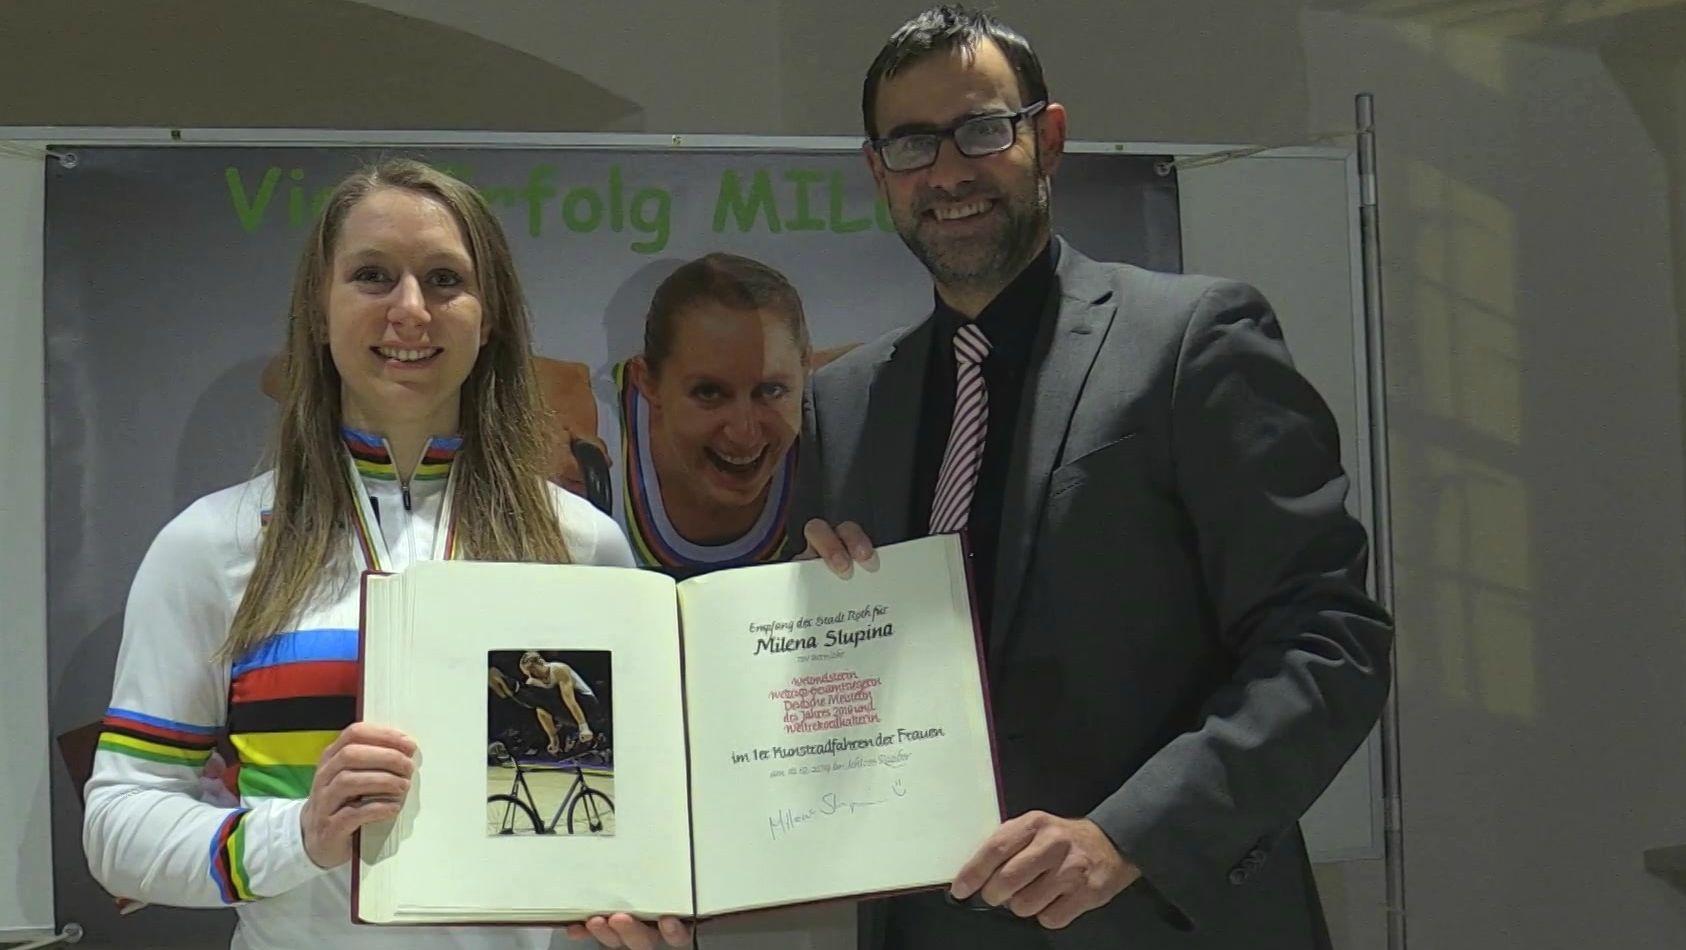 Milena Slupina und Bürgermeister Ralph Edelhäußer halten das Buch